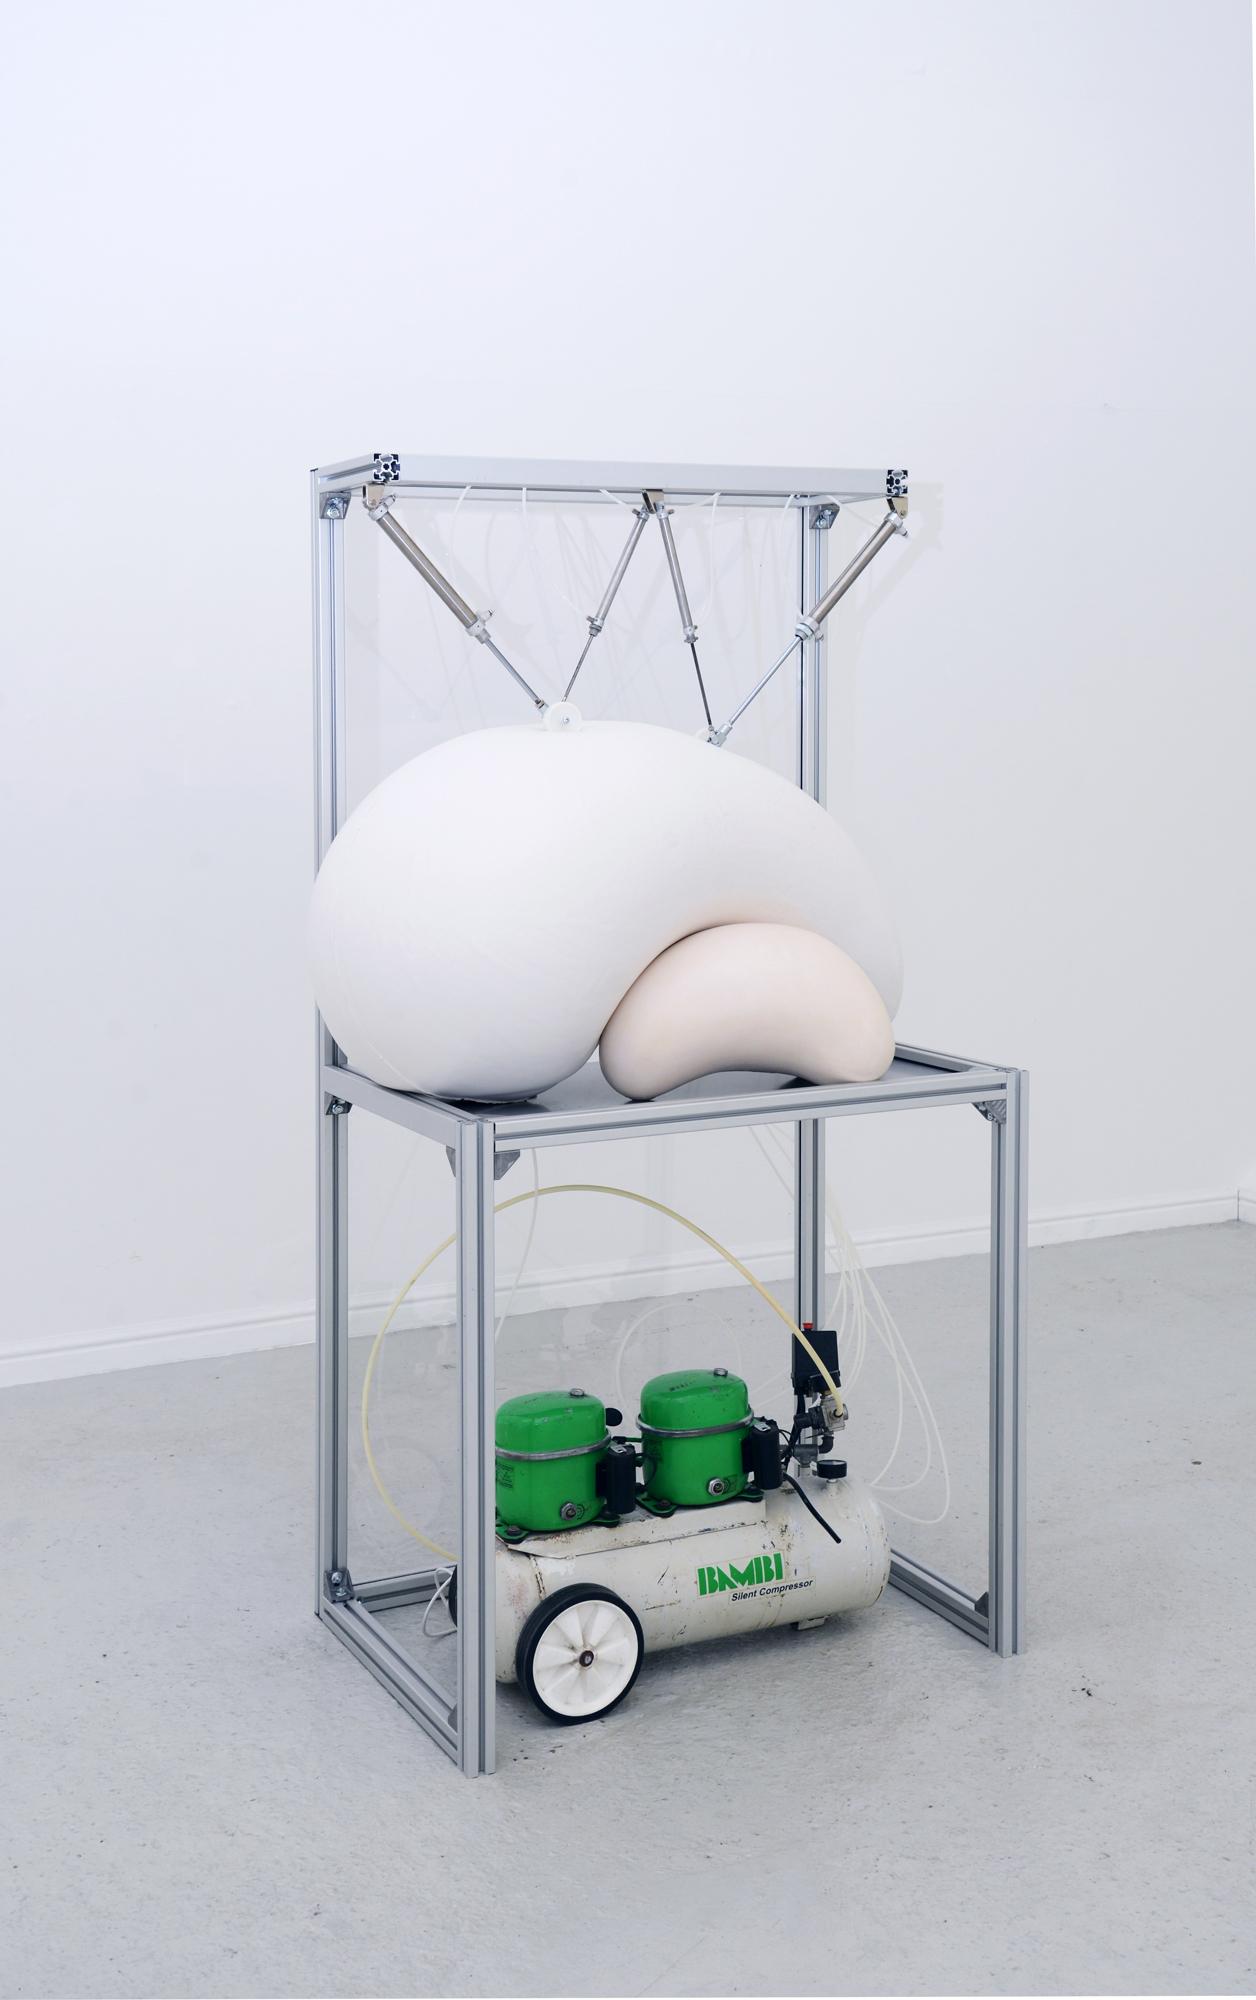 Harrison Pearce, Bambi, silicone, aluminium, pneumaticas, 200 x 100 x 70cm 2018.jpg